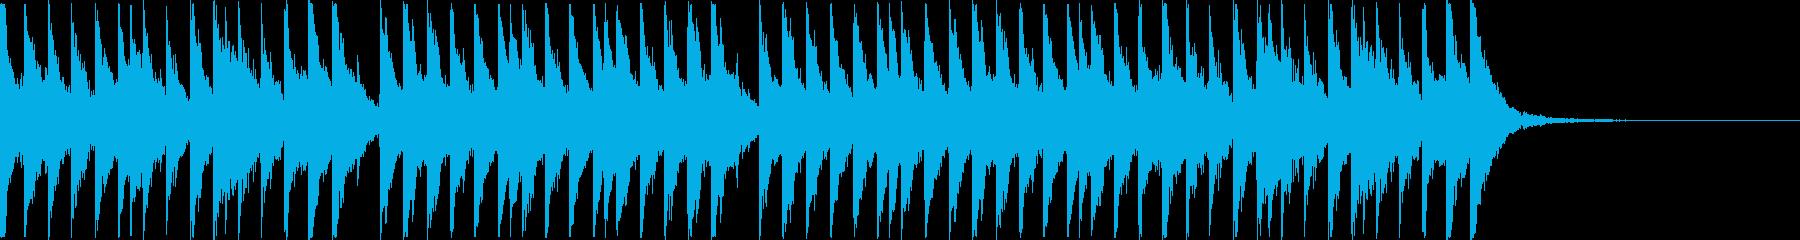 忍者!江戸!三味線!15秒!太鼓無し版の再生済みの波形